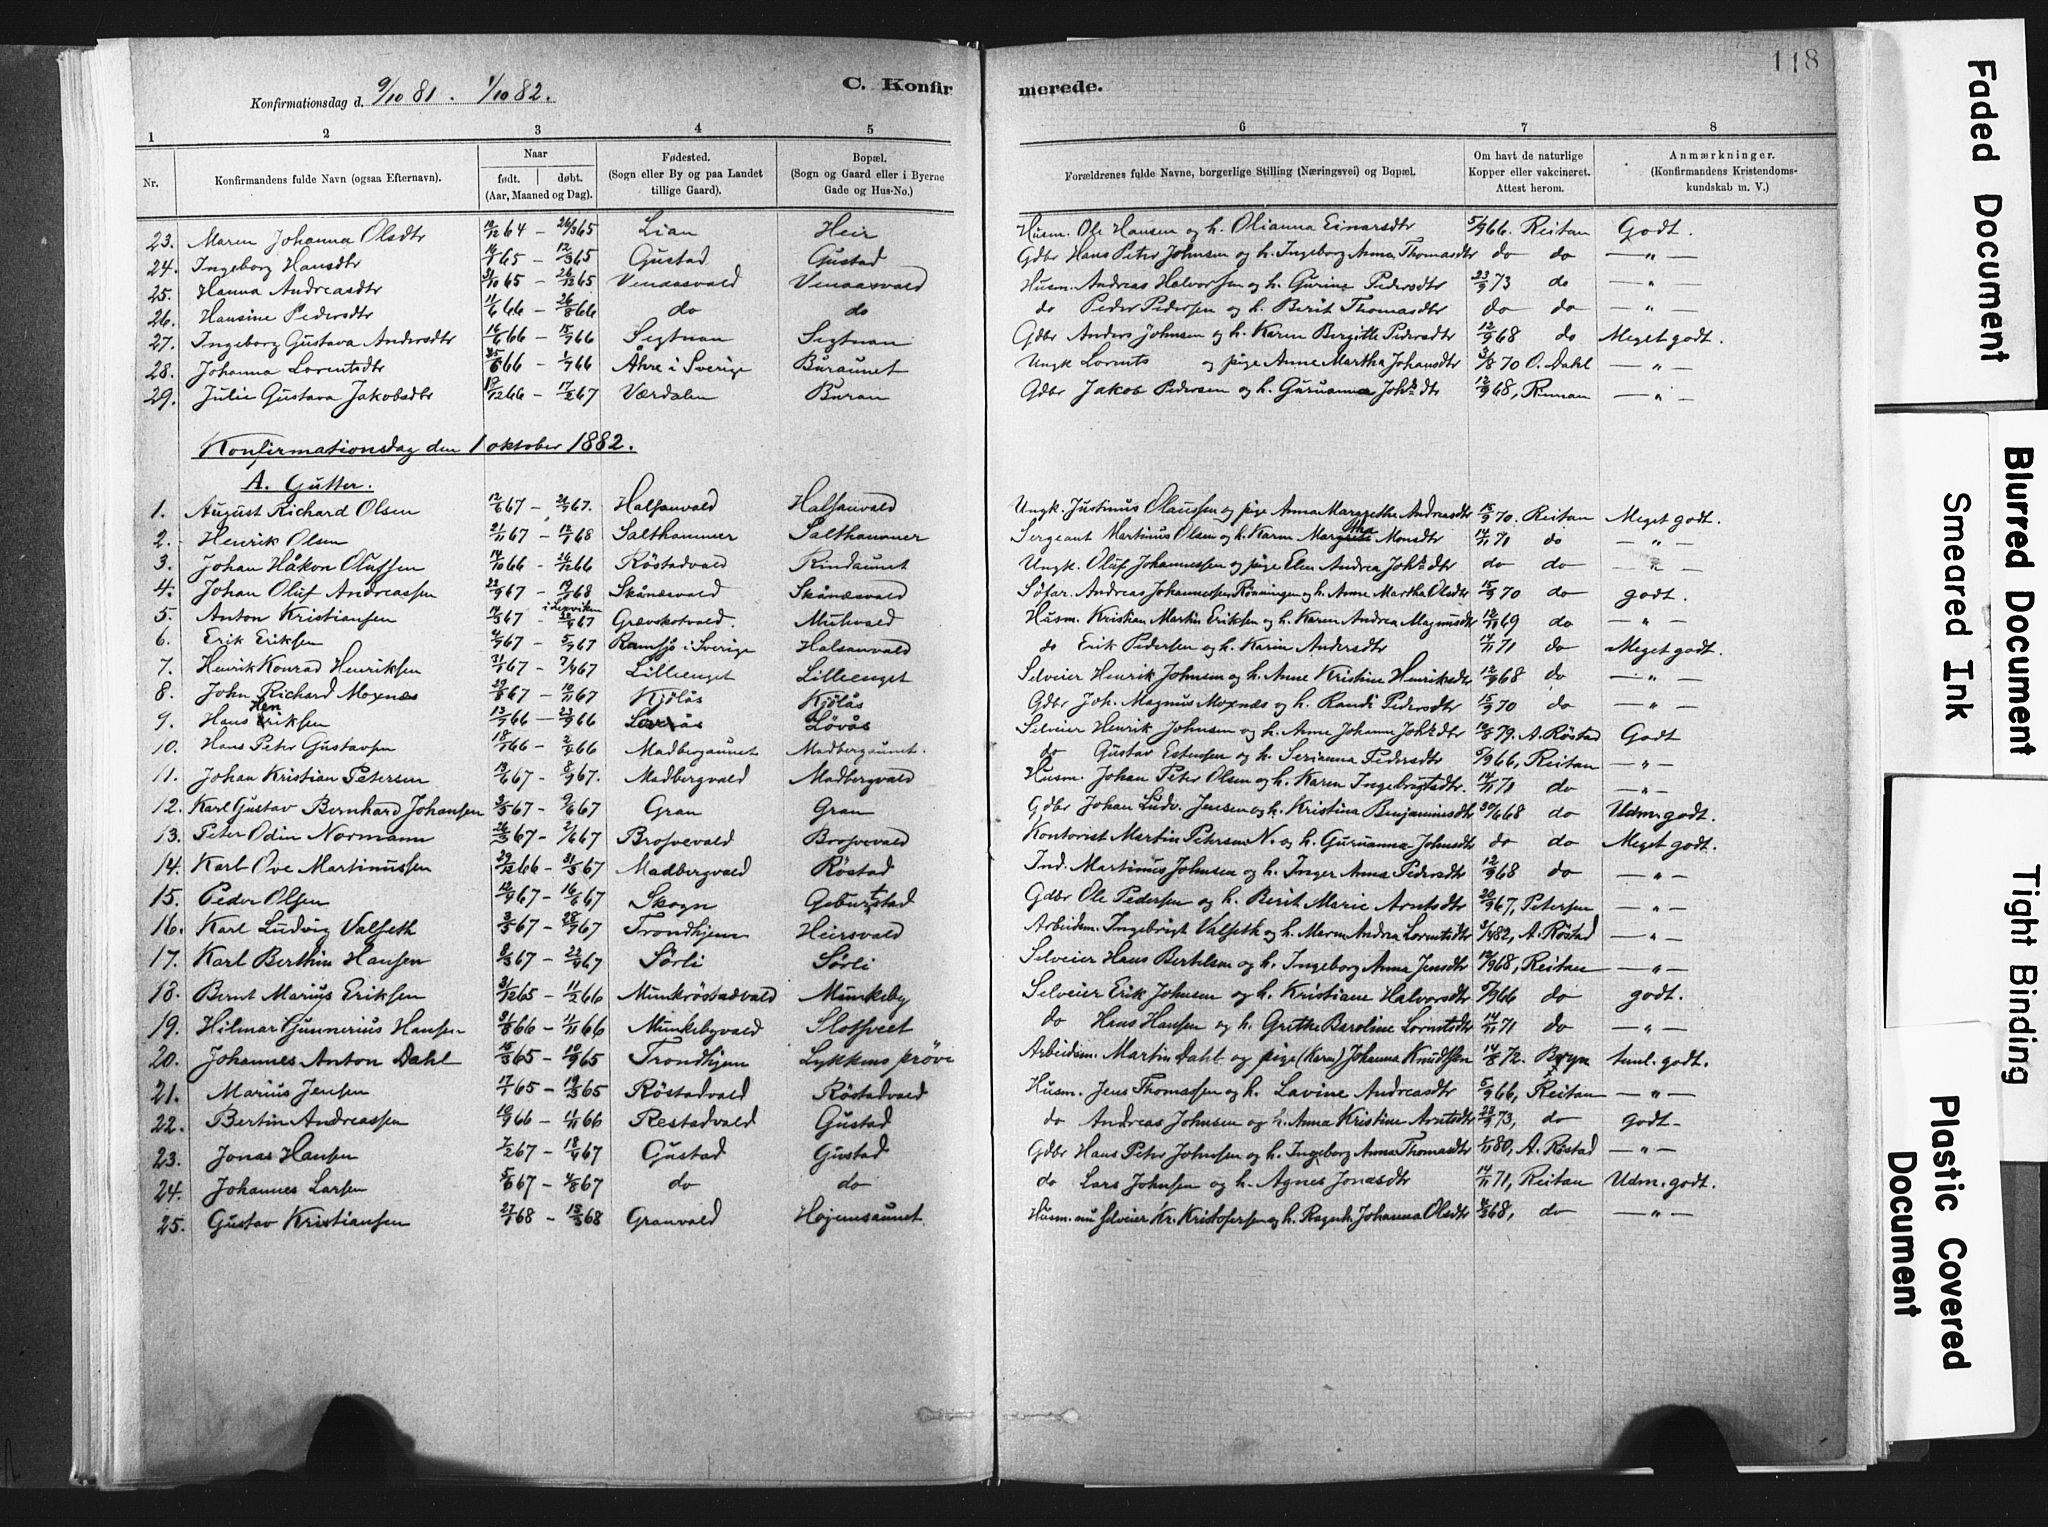 SAT, Ministerialprotokoller, klokkerbøker og fødselsregistre - Nord-Trøndelag, 721/L0207: Ministerialbok nr. 721A02, 1880-1911, s. 118